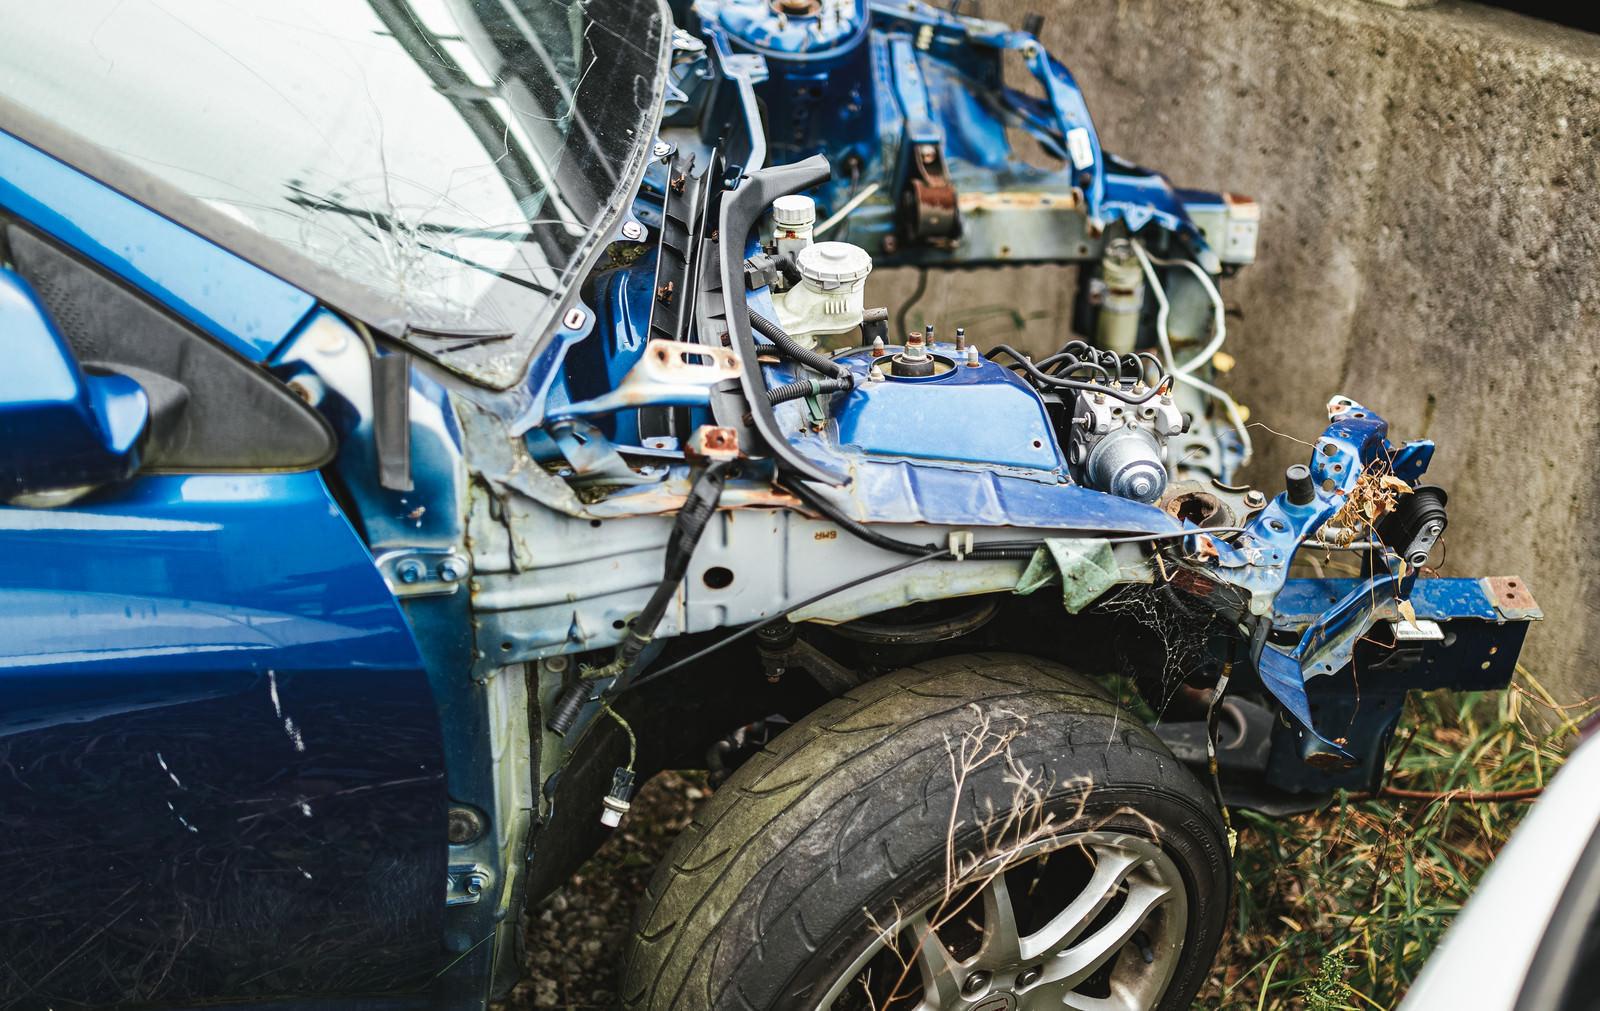 「フロント部分が大破した事故車」の写真